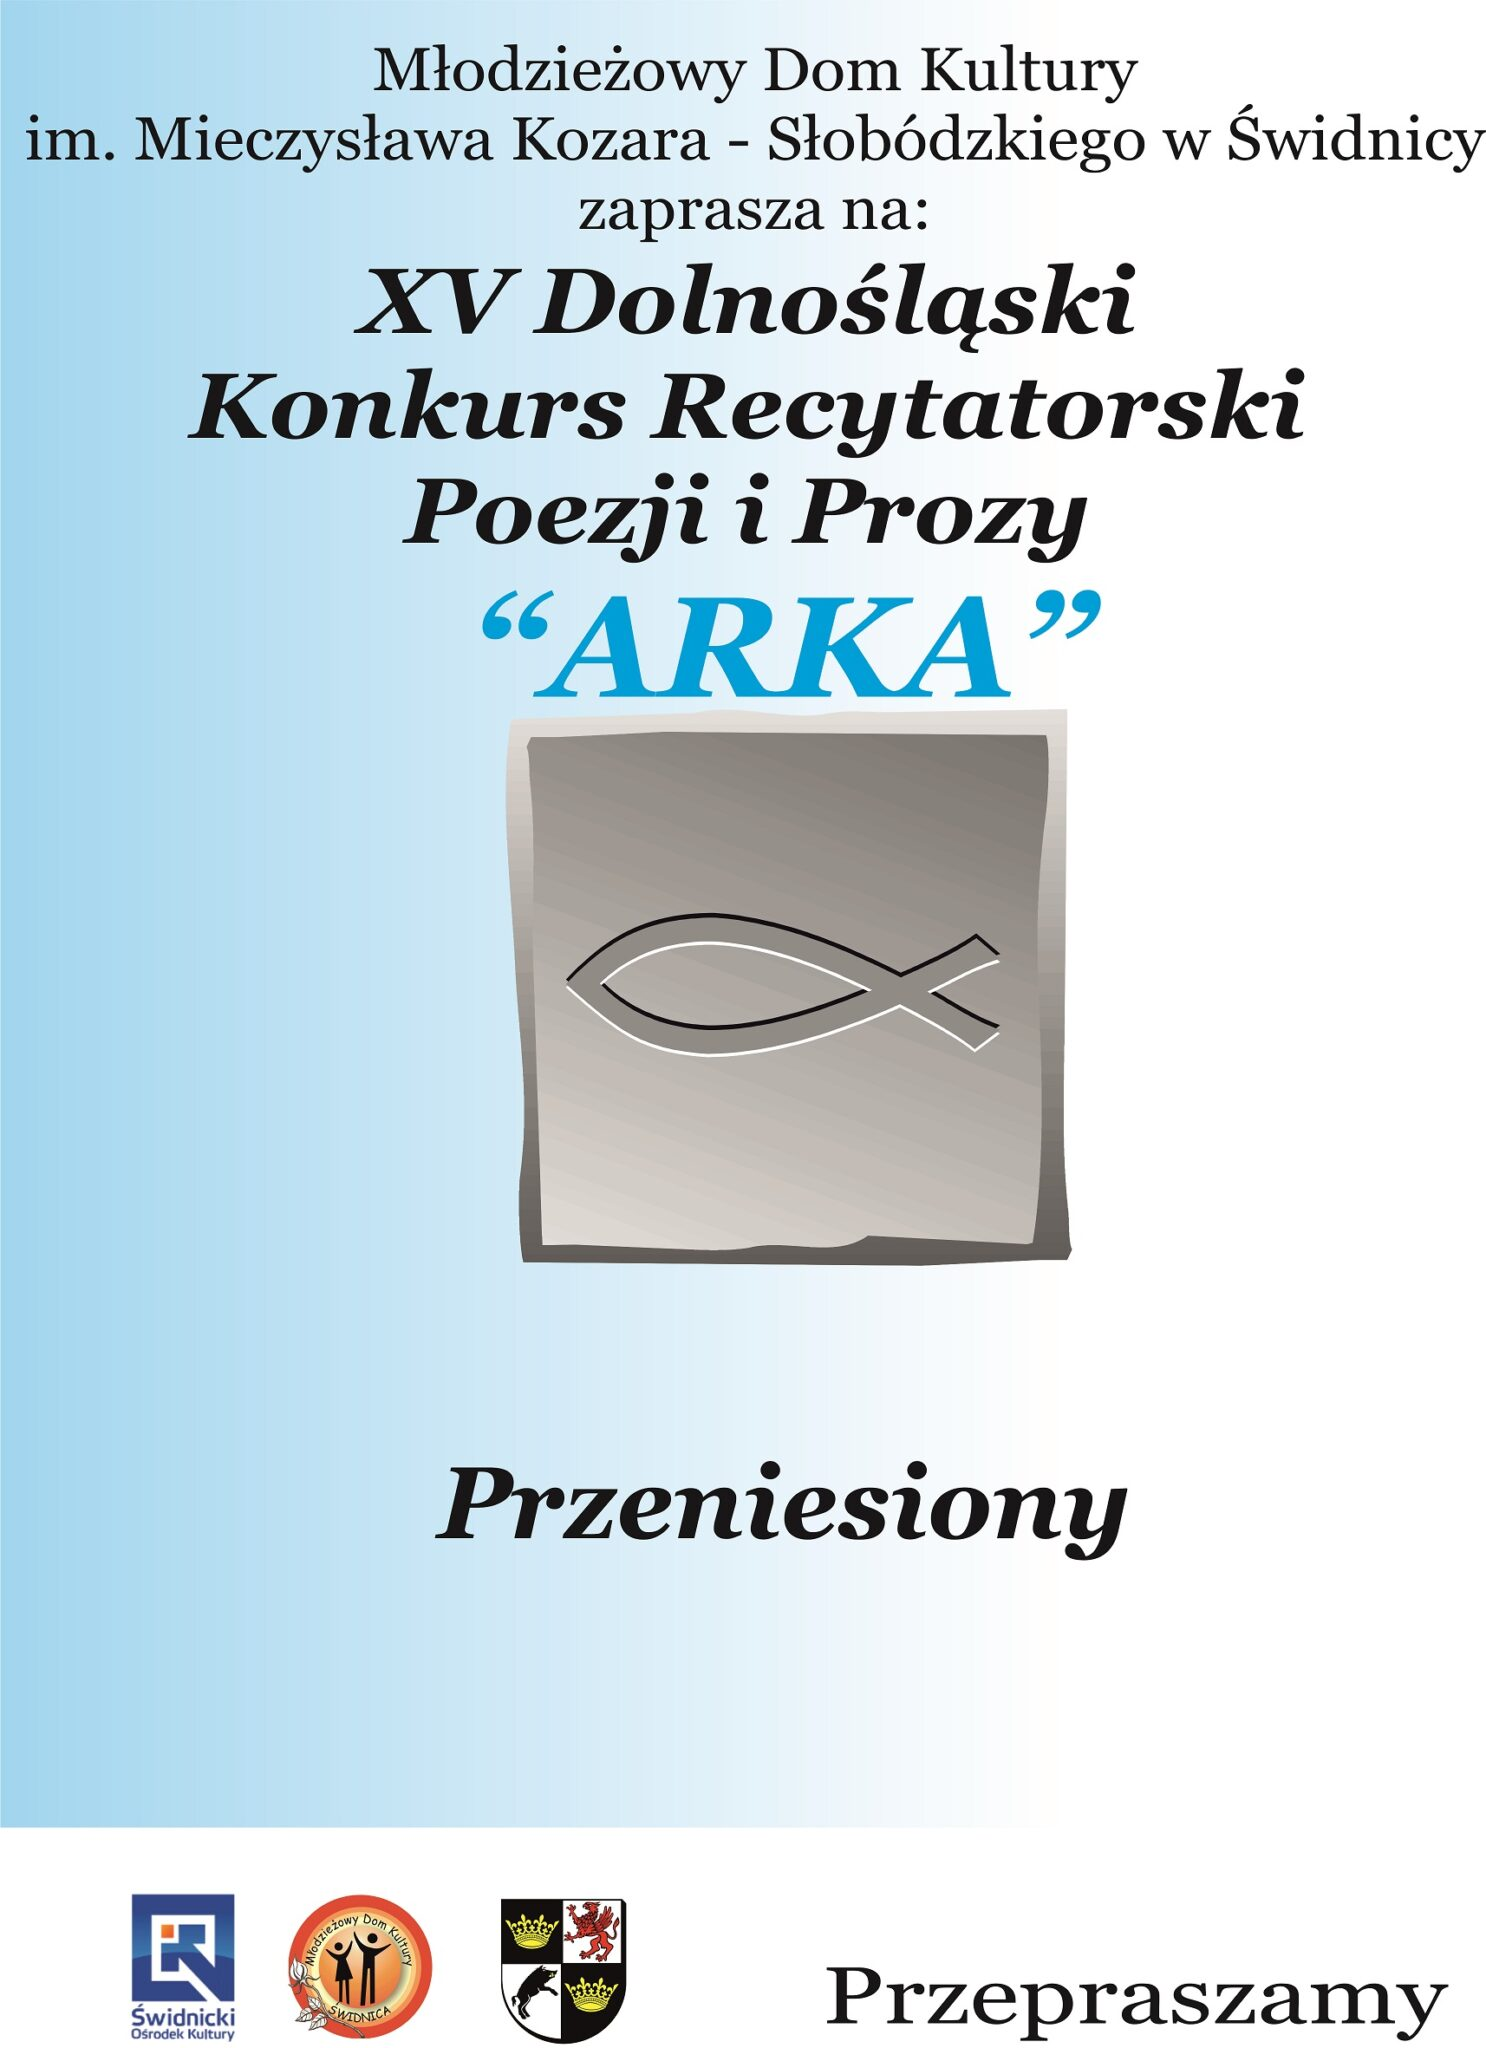 """XV Dolnośląski Konkurs Recytatorski Poezji i Prozy """"Arka"""" - Przeniesiony"""